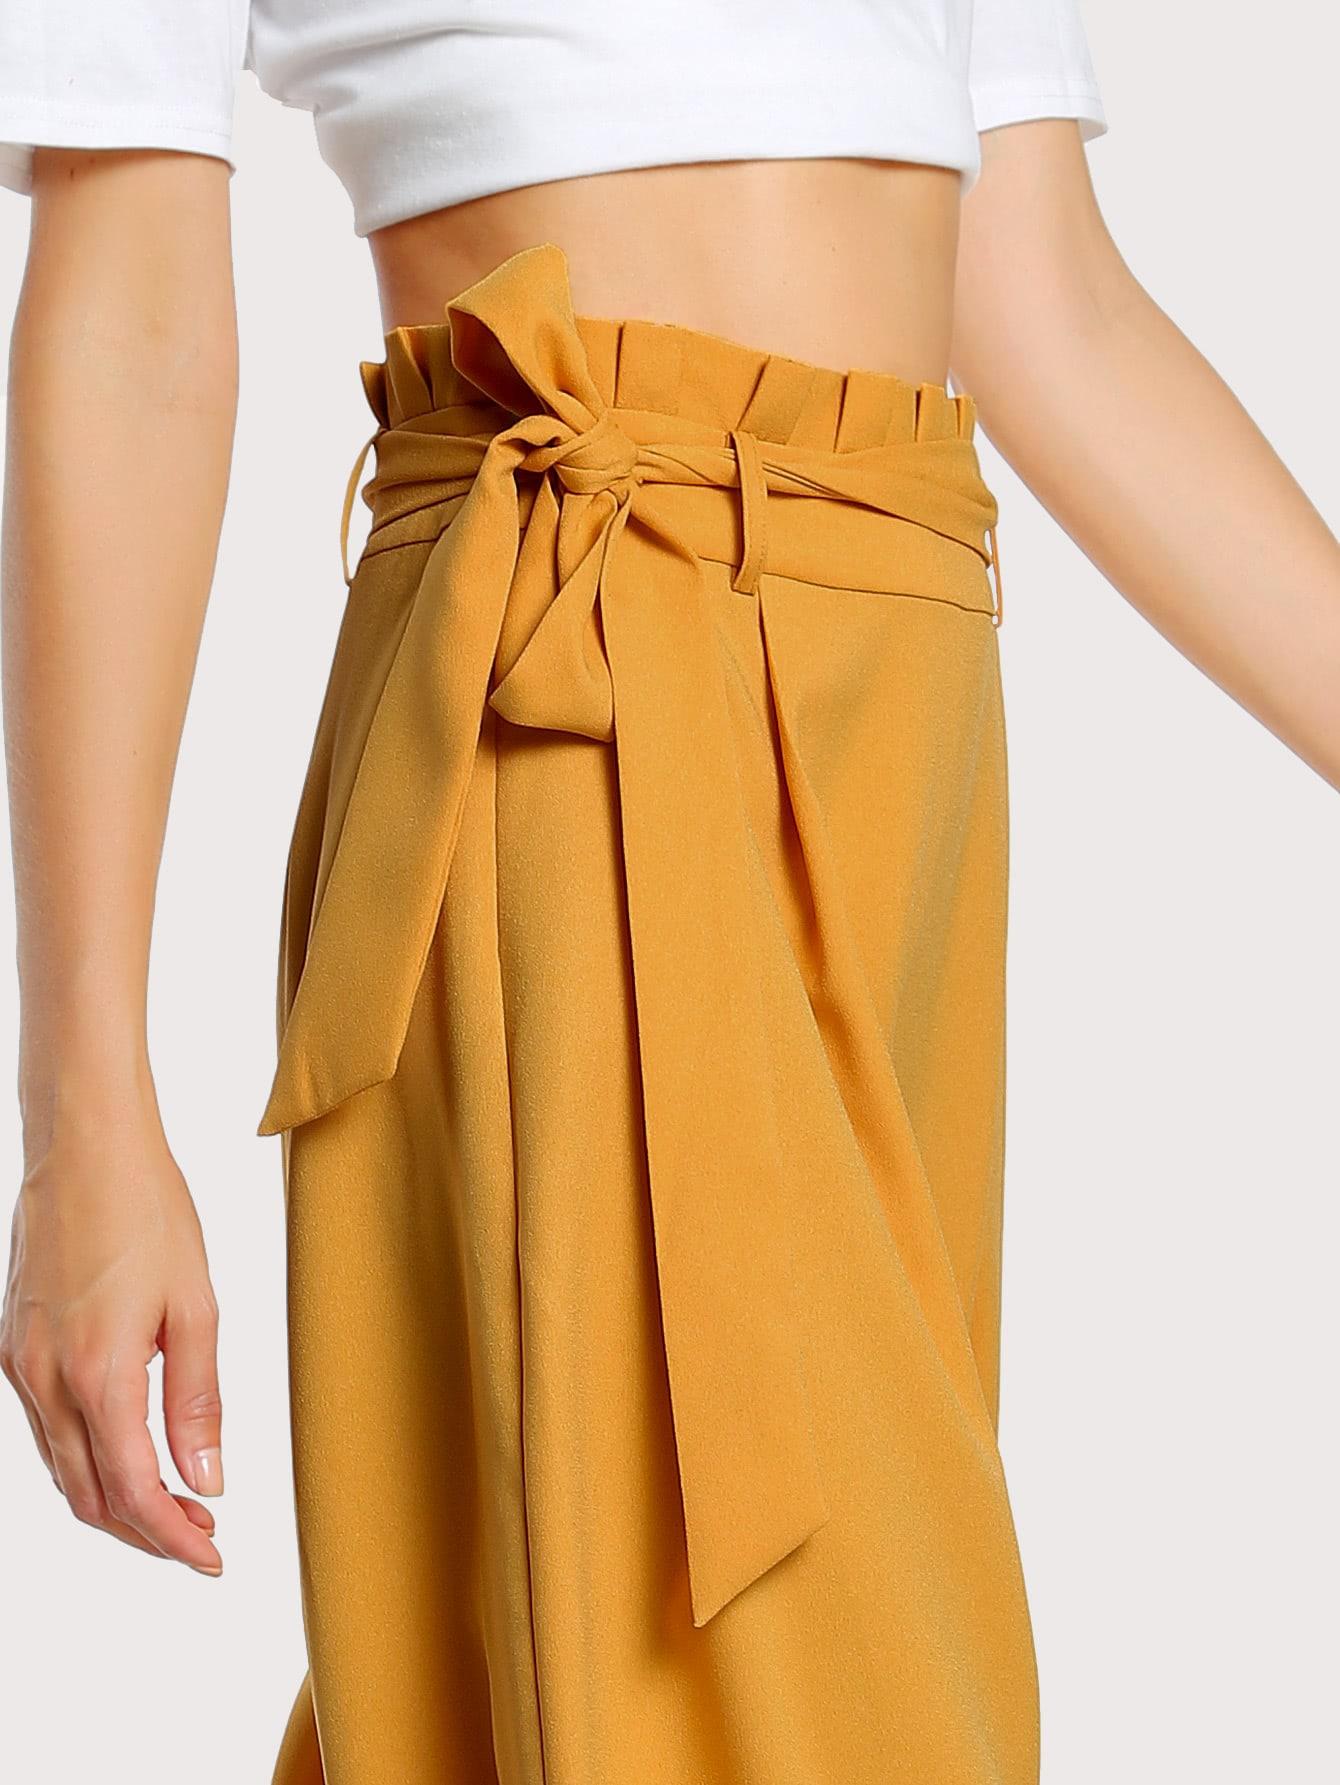 Pantalón bota campaña mostaza - Seven Store